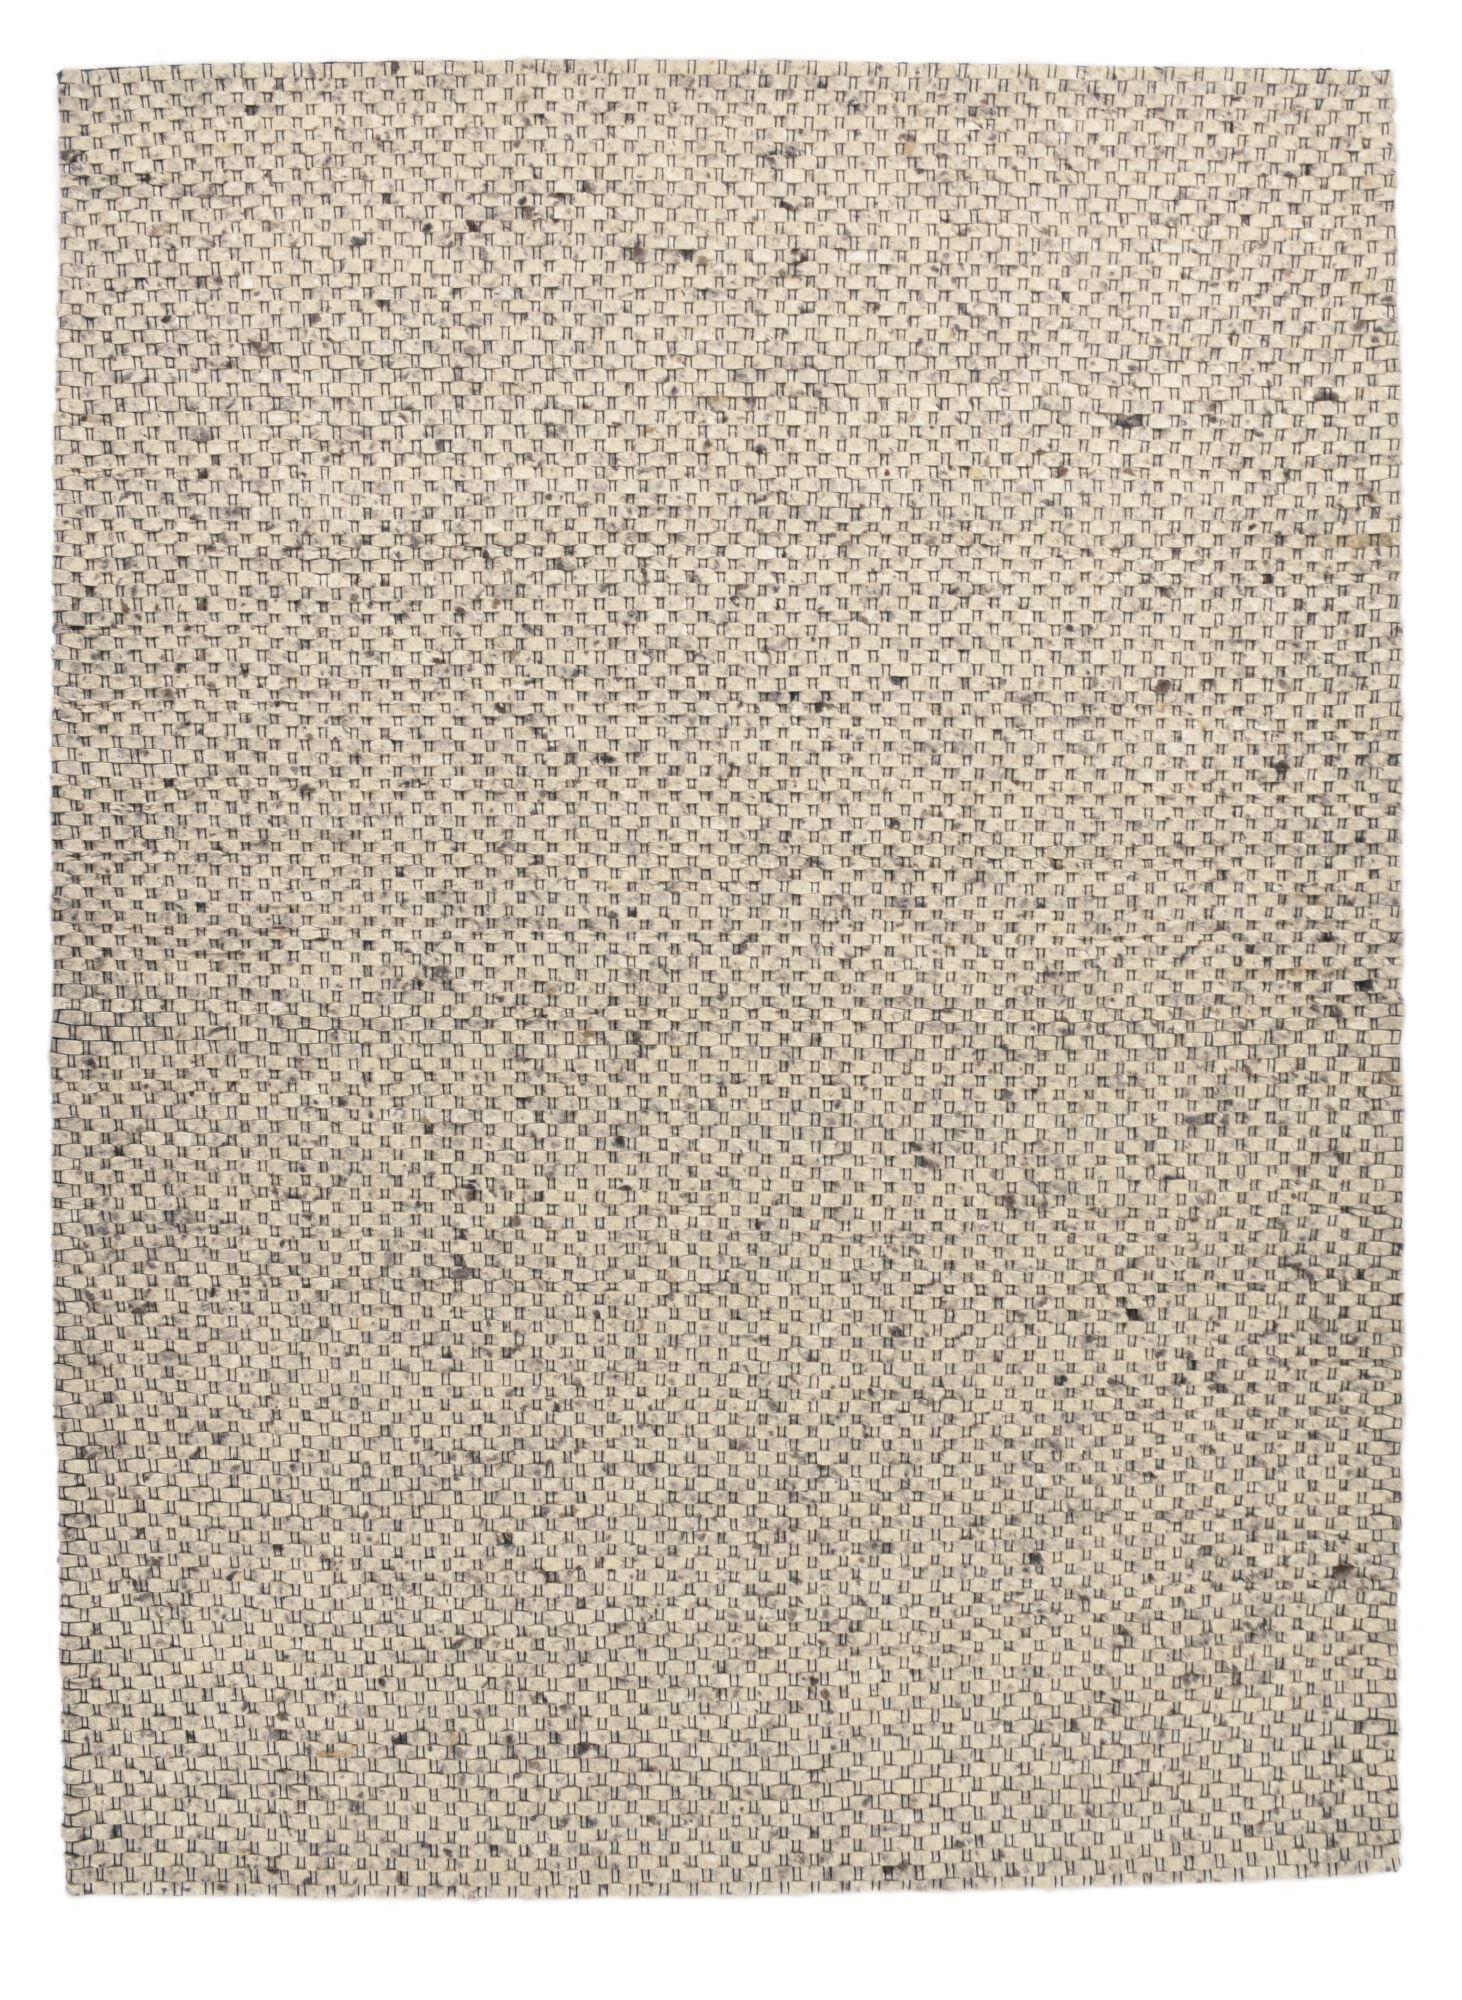 THEKO Tapis feutré en laine naturelle fait main gris 170x240